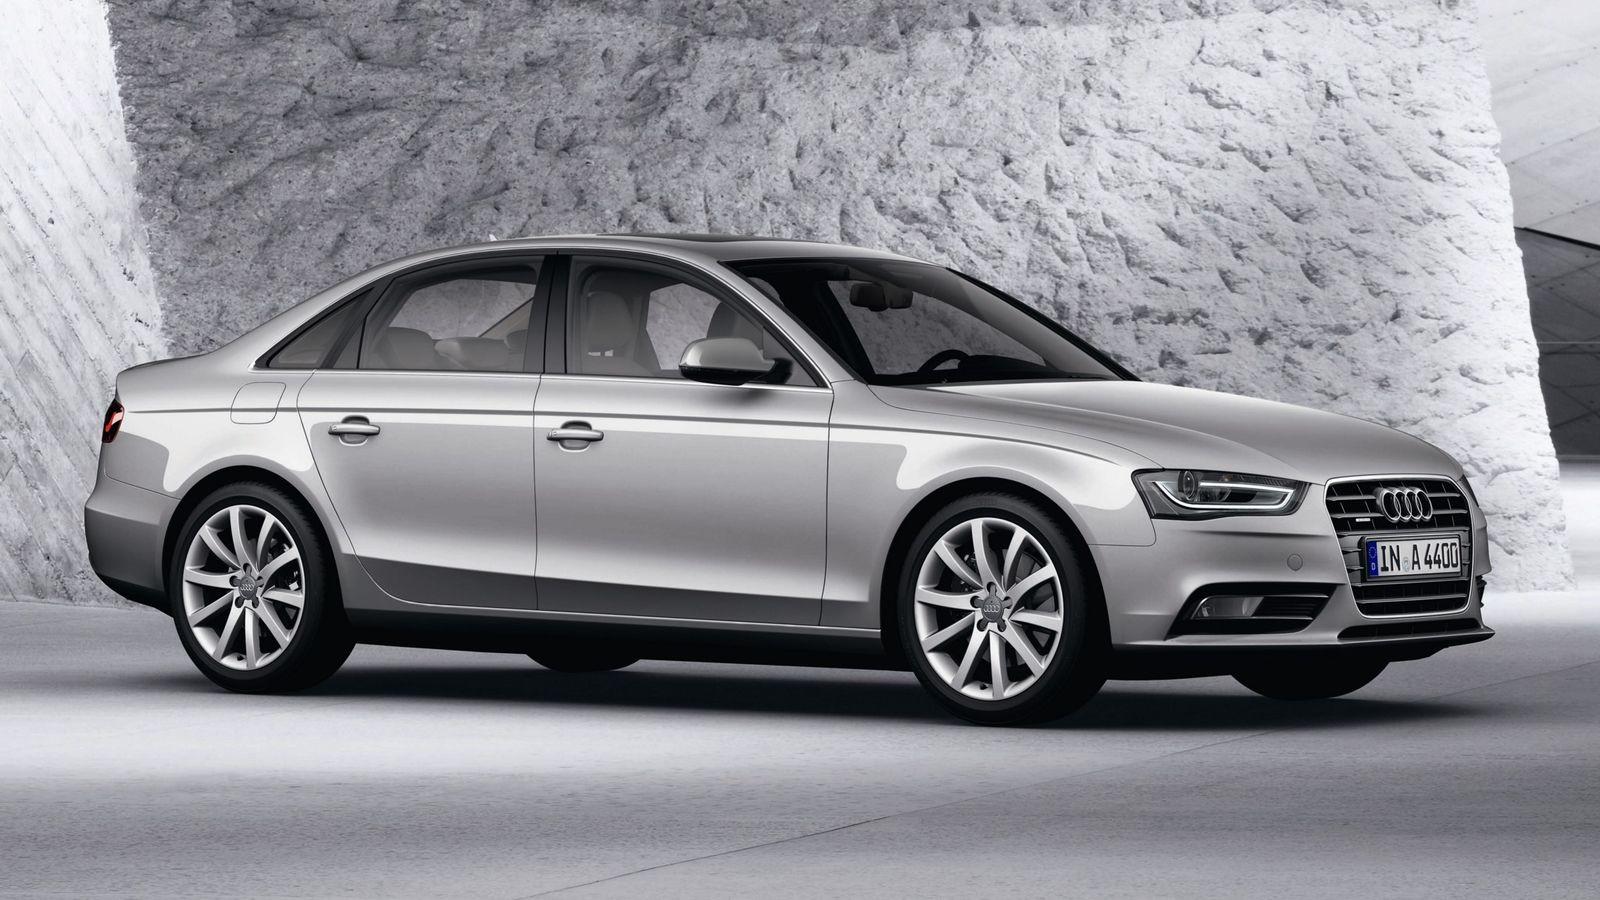 Audi A4 2.0T quattro